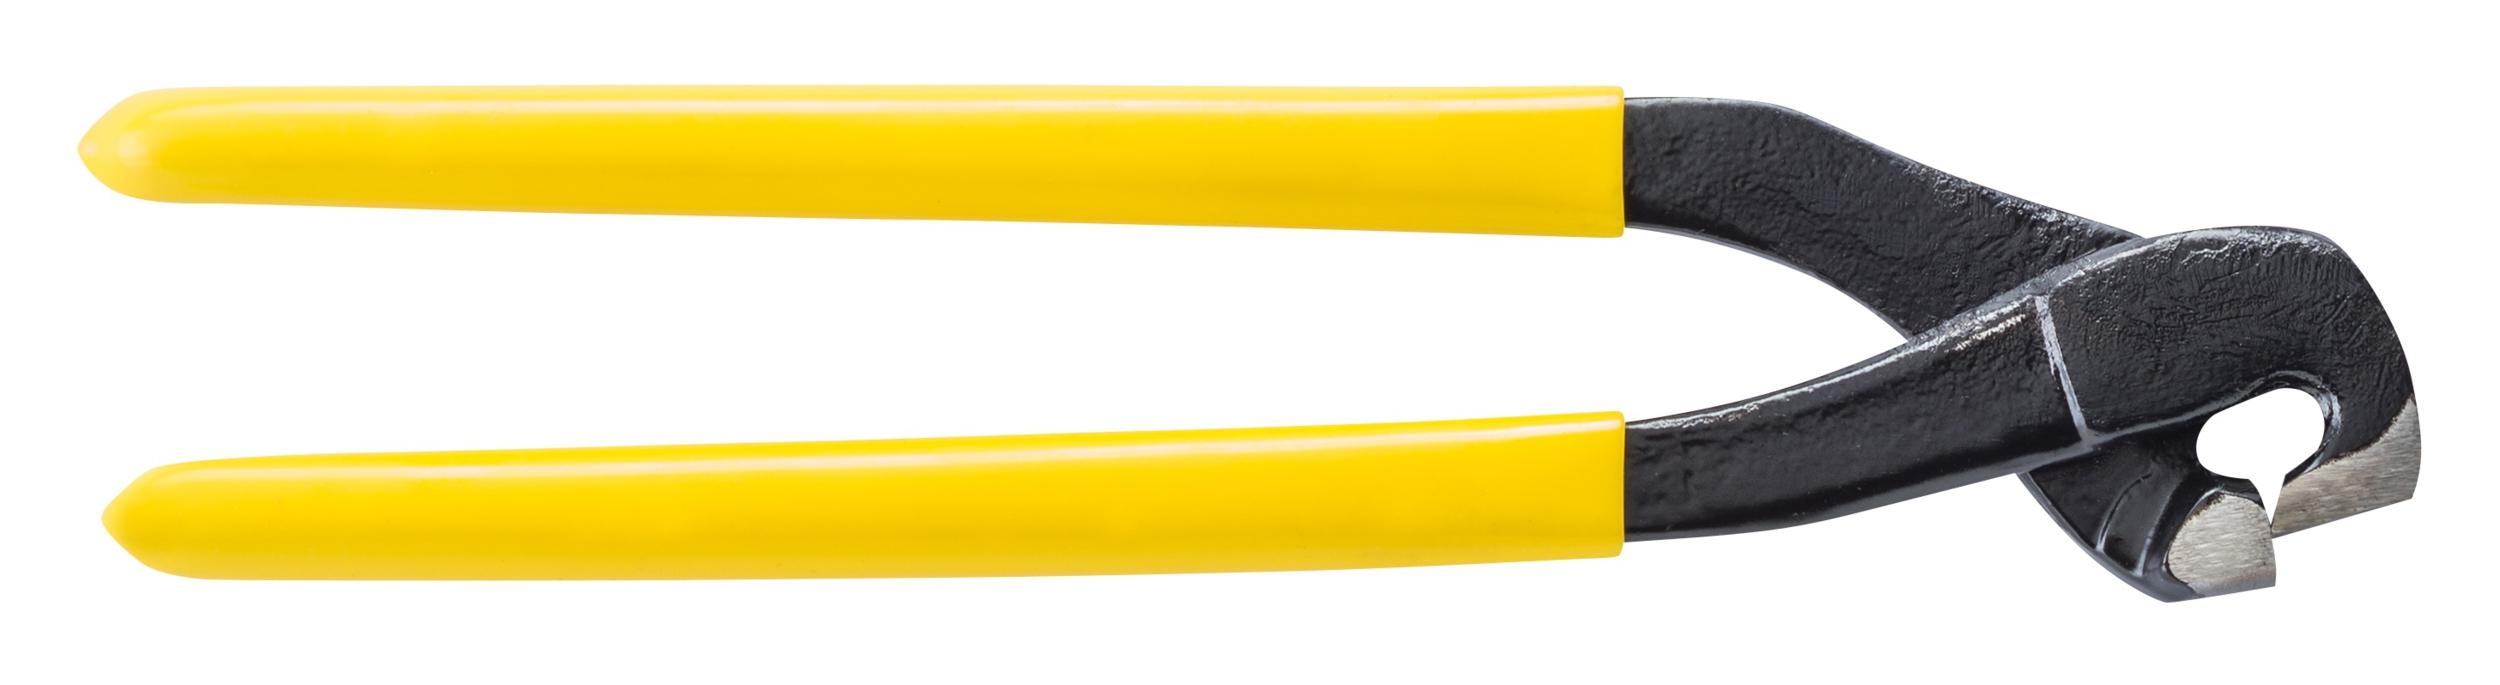 Pince carreleur perroquet 195mm